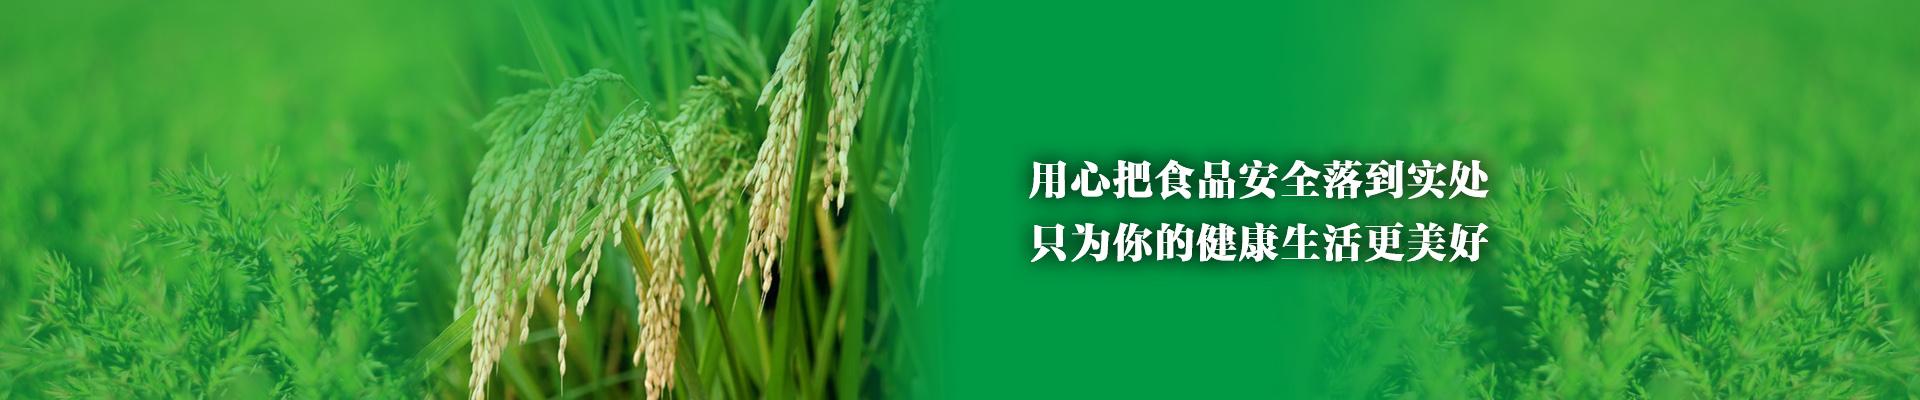 水稻gus染色步骤